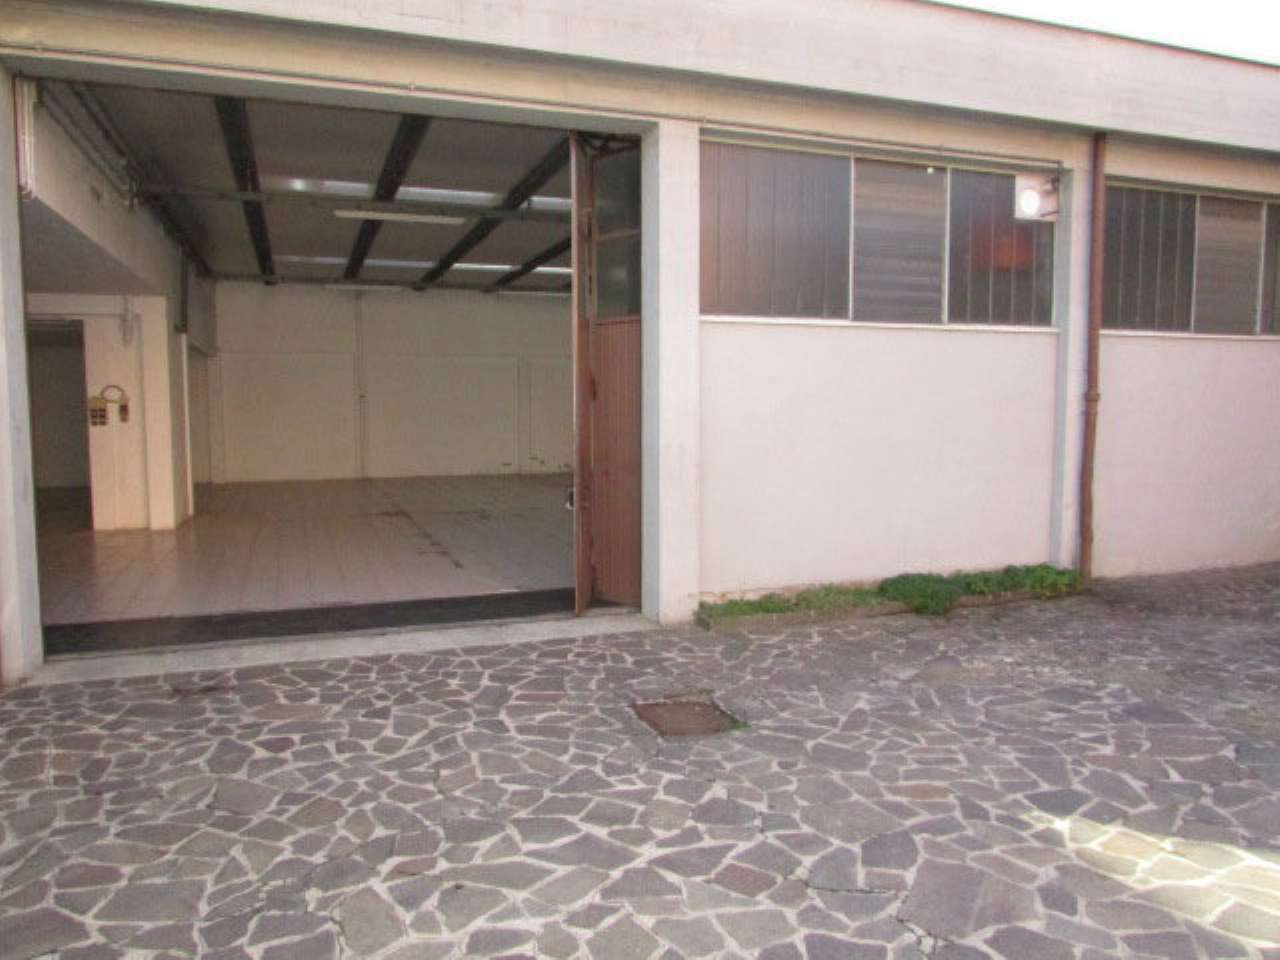 Laboratorio in affitto a Cantù, 2 locali, prezzo € 1.550 | PortaleAgenzieImmobiliari.it